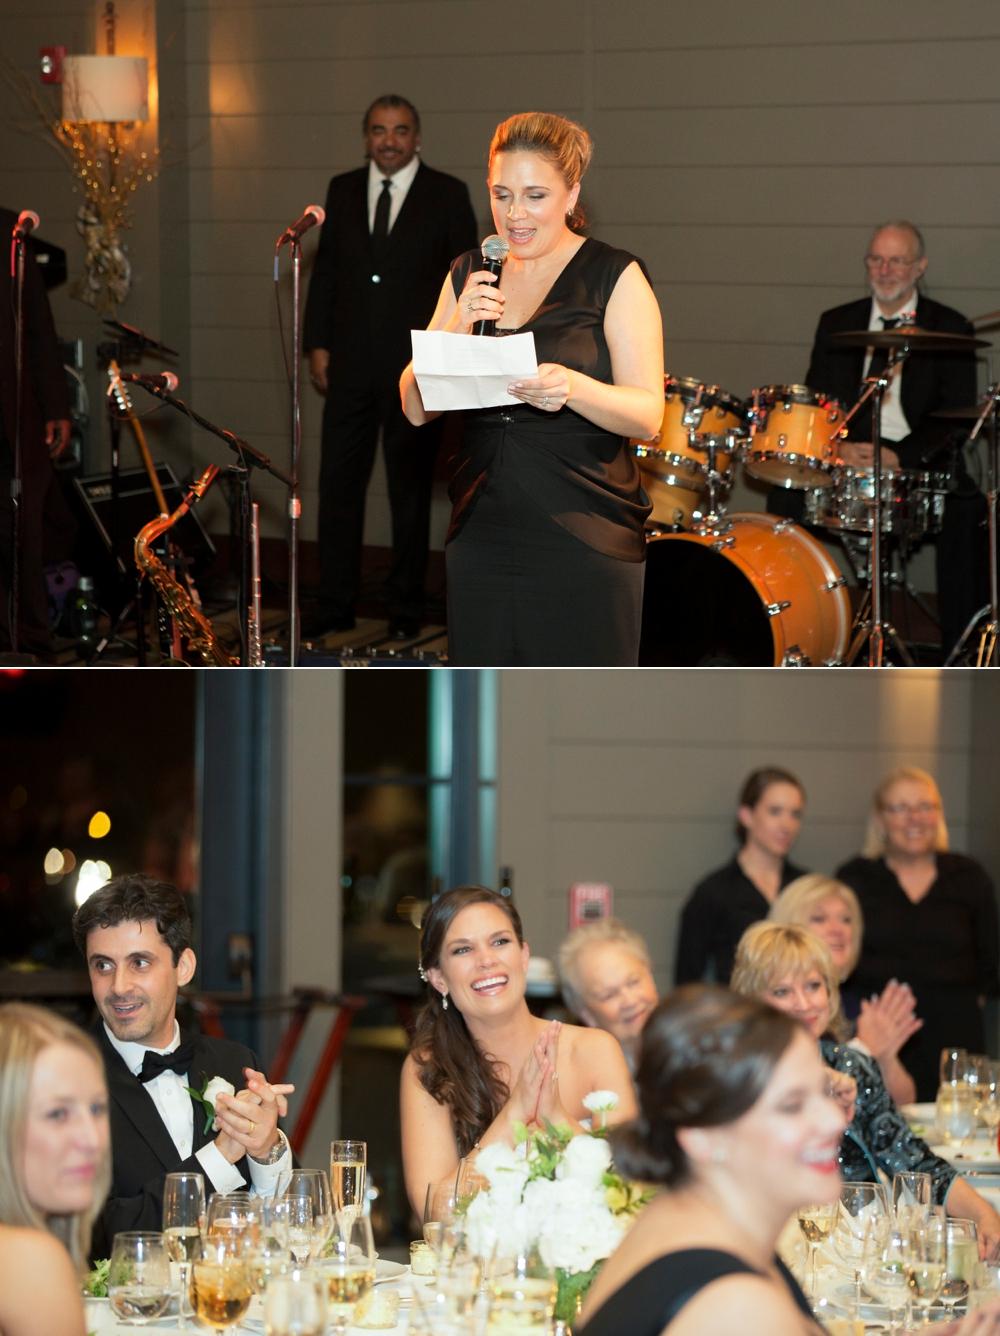 LaBelleWinery_Wedding_Kim&George_0042.jpg